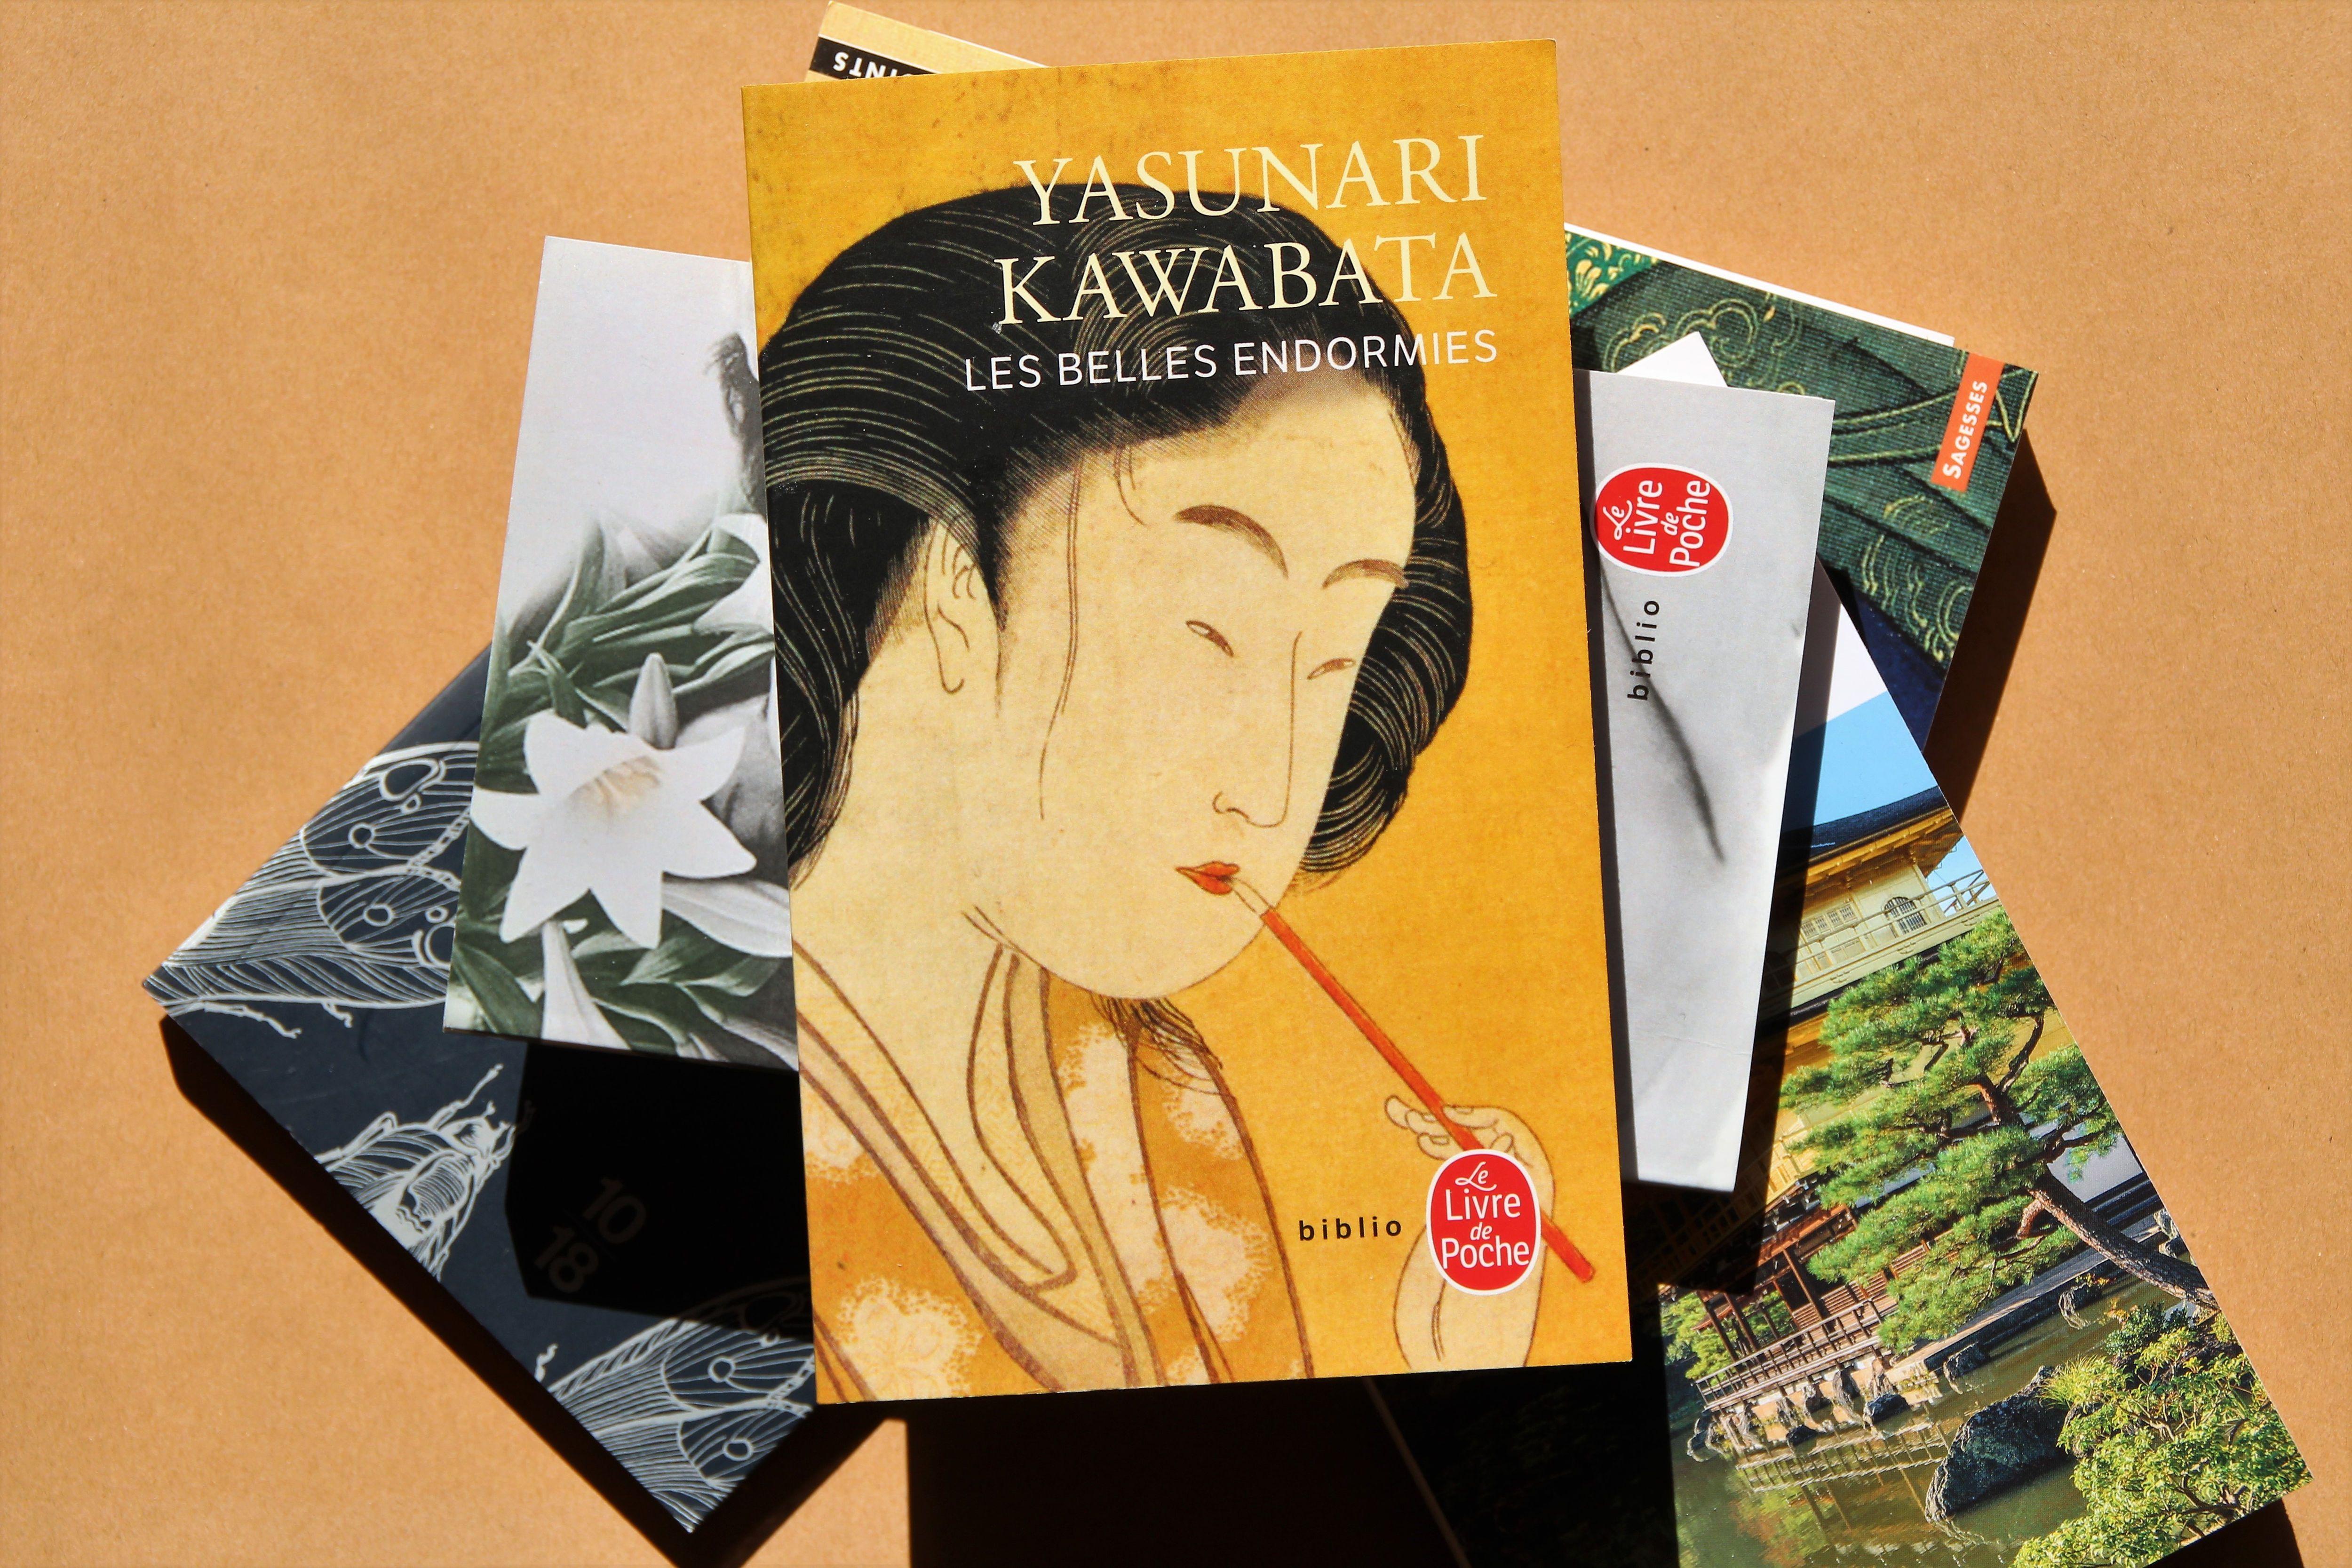 Les Belles Endormies De Kawabata Tout Sauf Soporifique La Belle Endormie Litterature Japonaise Prix Nobel De Litterature